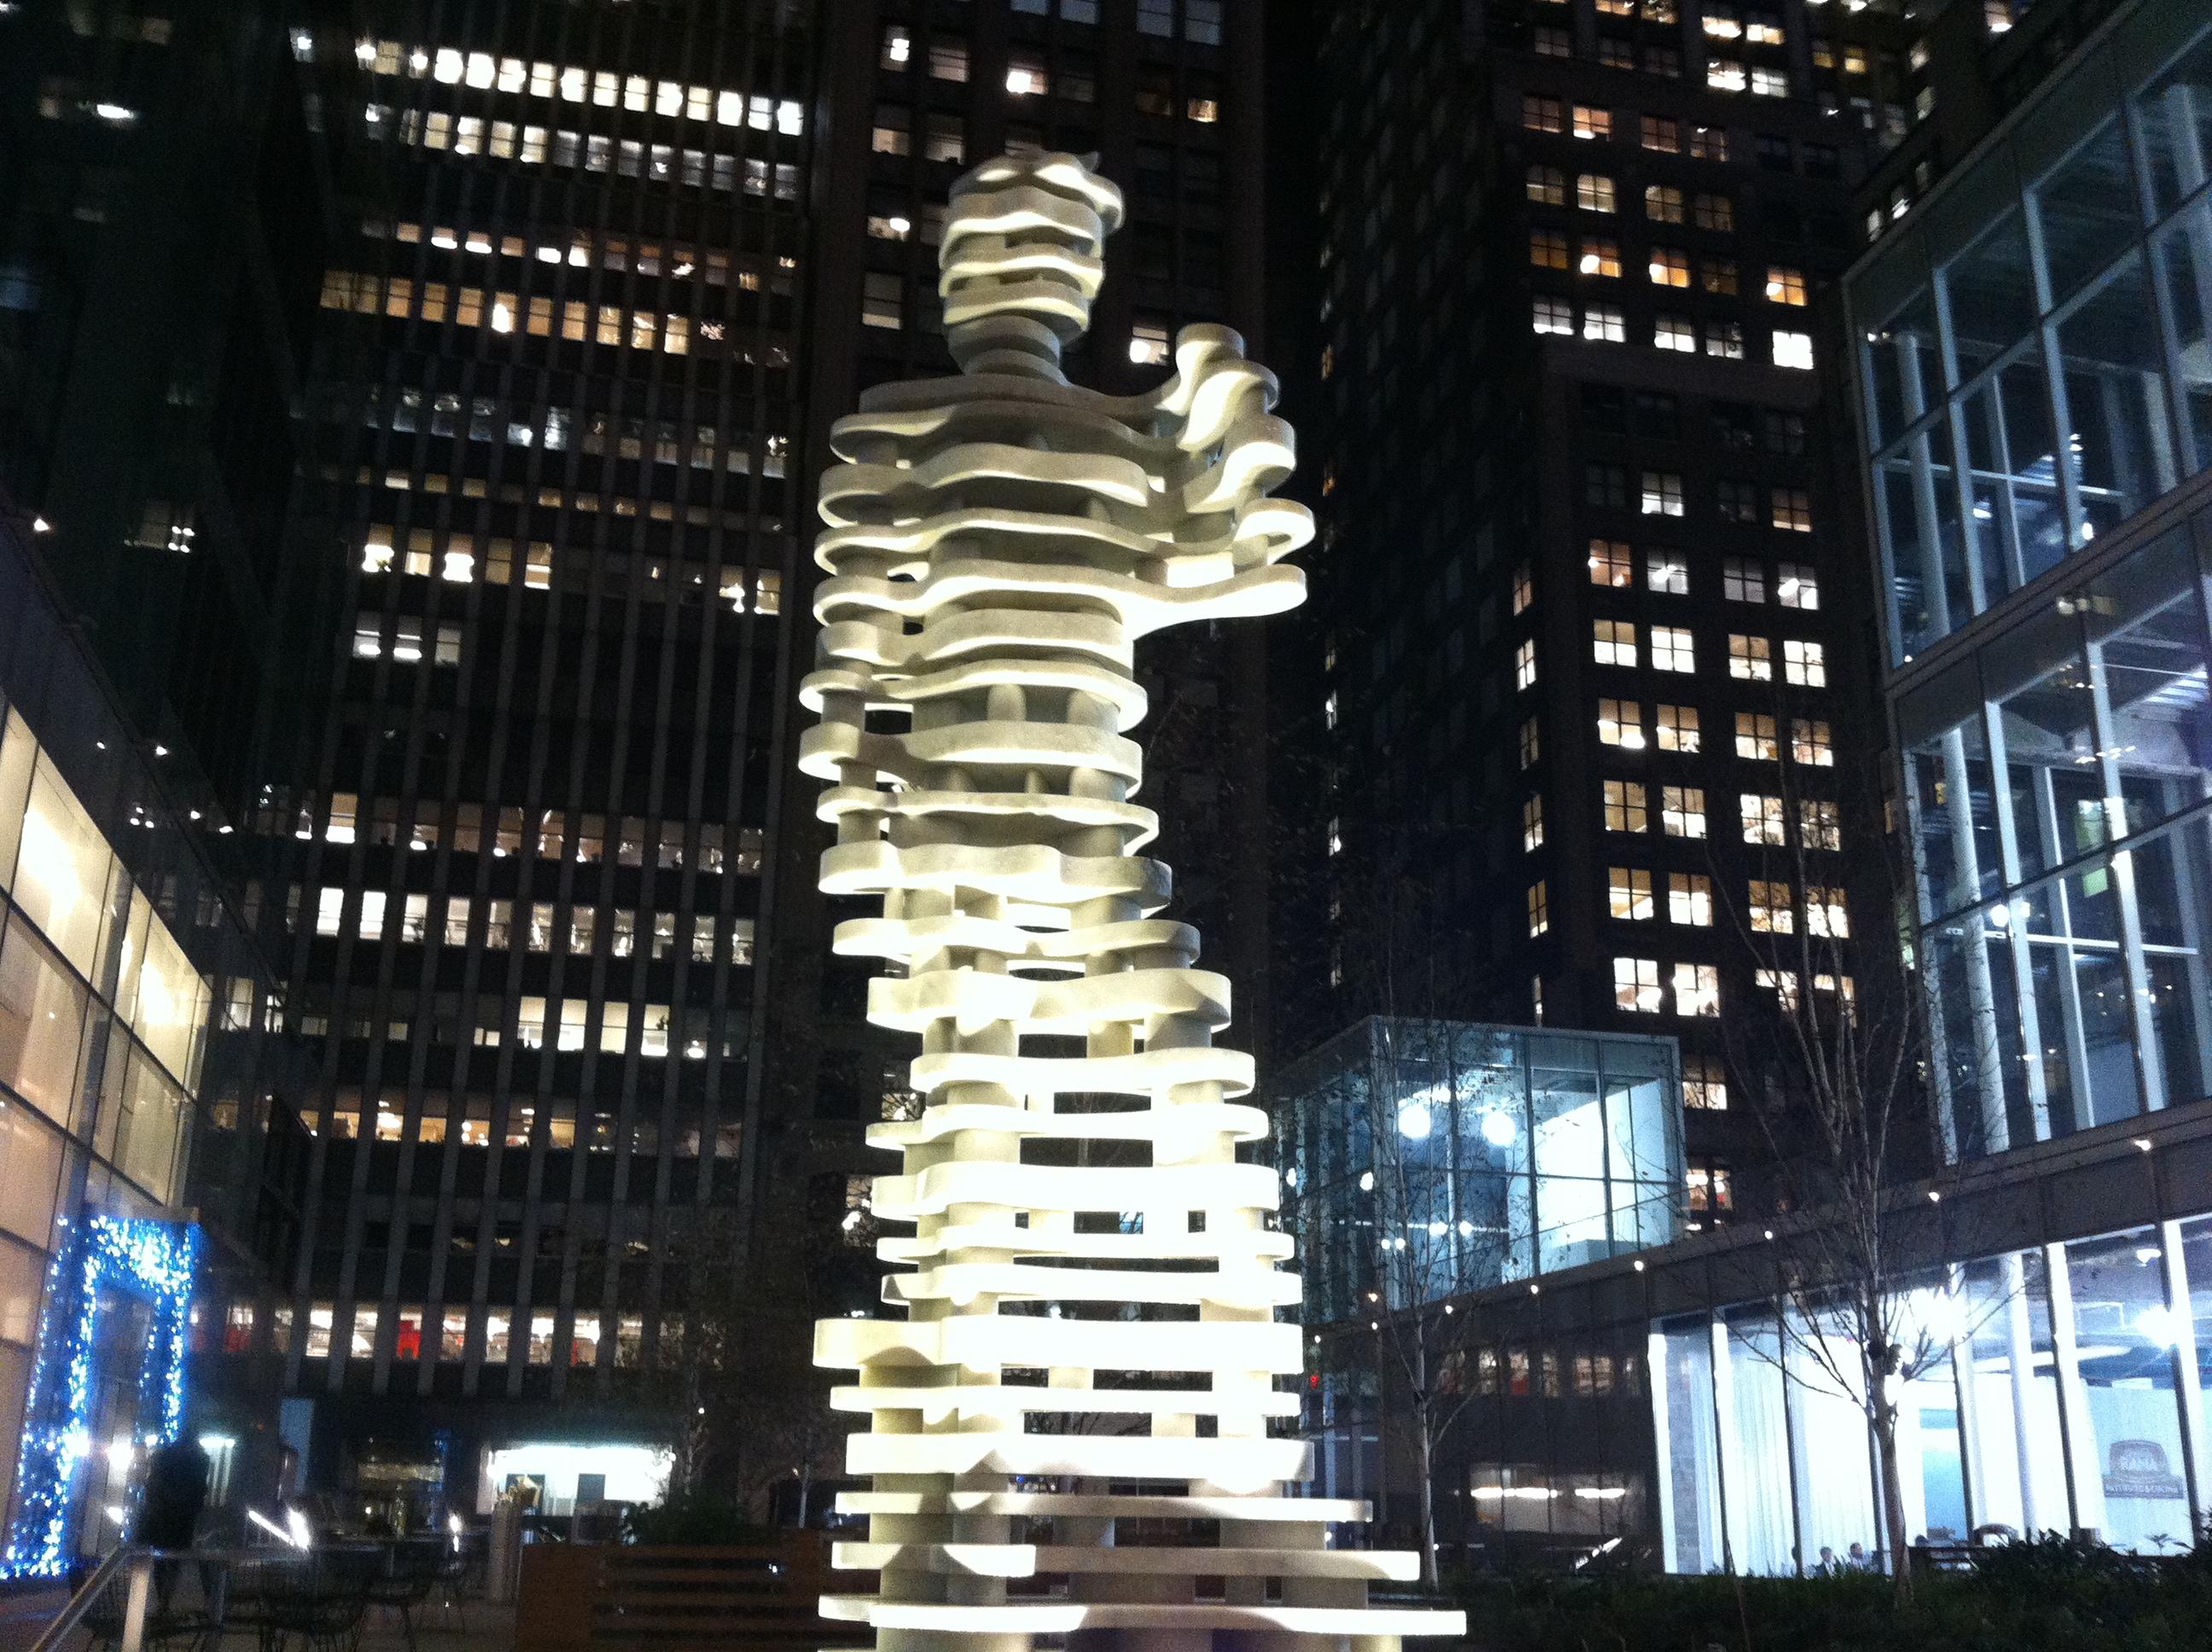 Una escultura heroica en el centro de Brooklyn, NY.